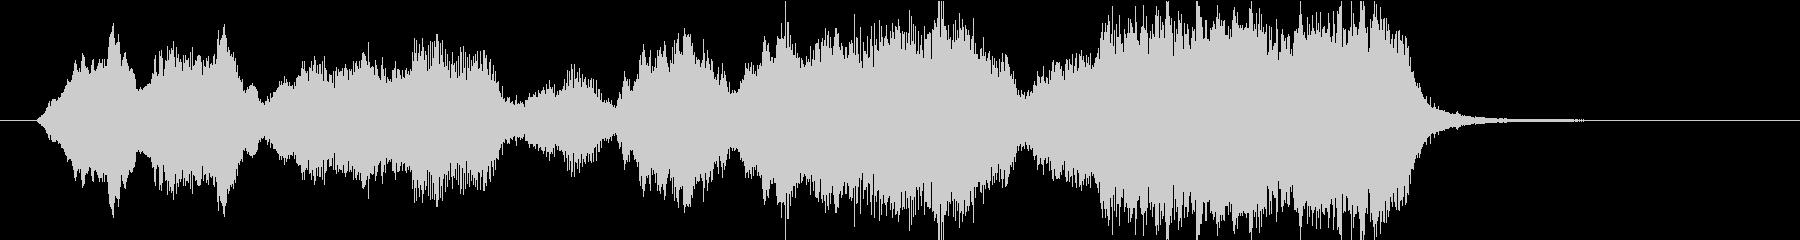 15秒CMサイズの19 弦楽アンサンブルの未再生の波形